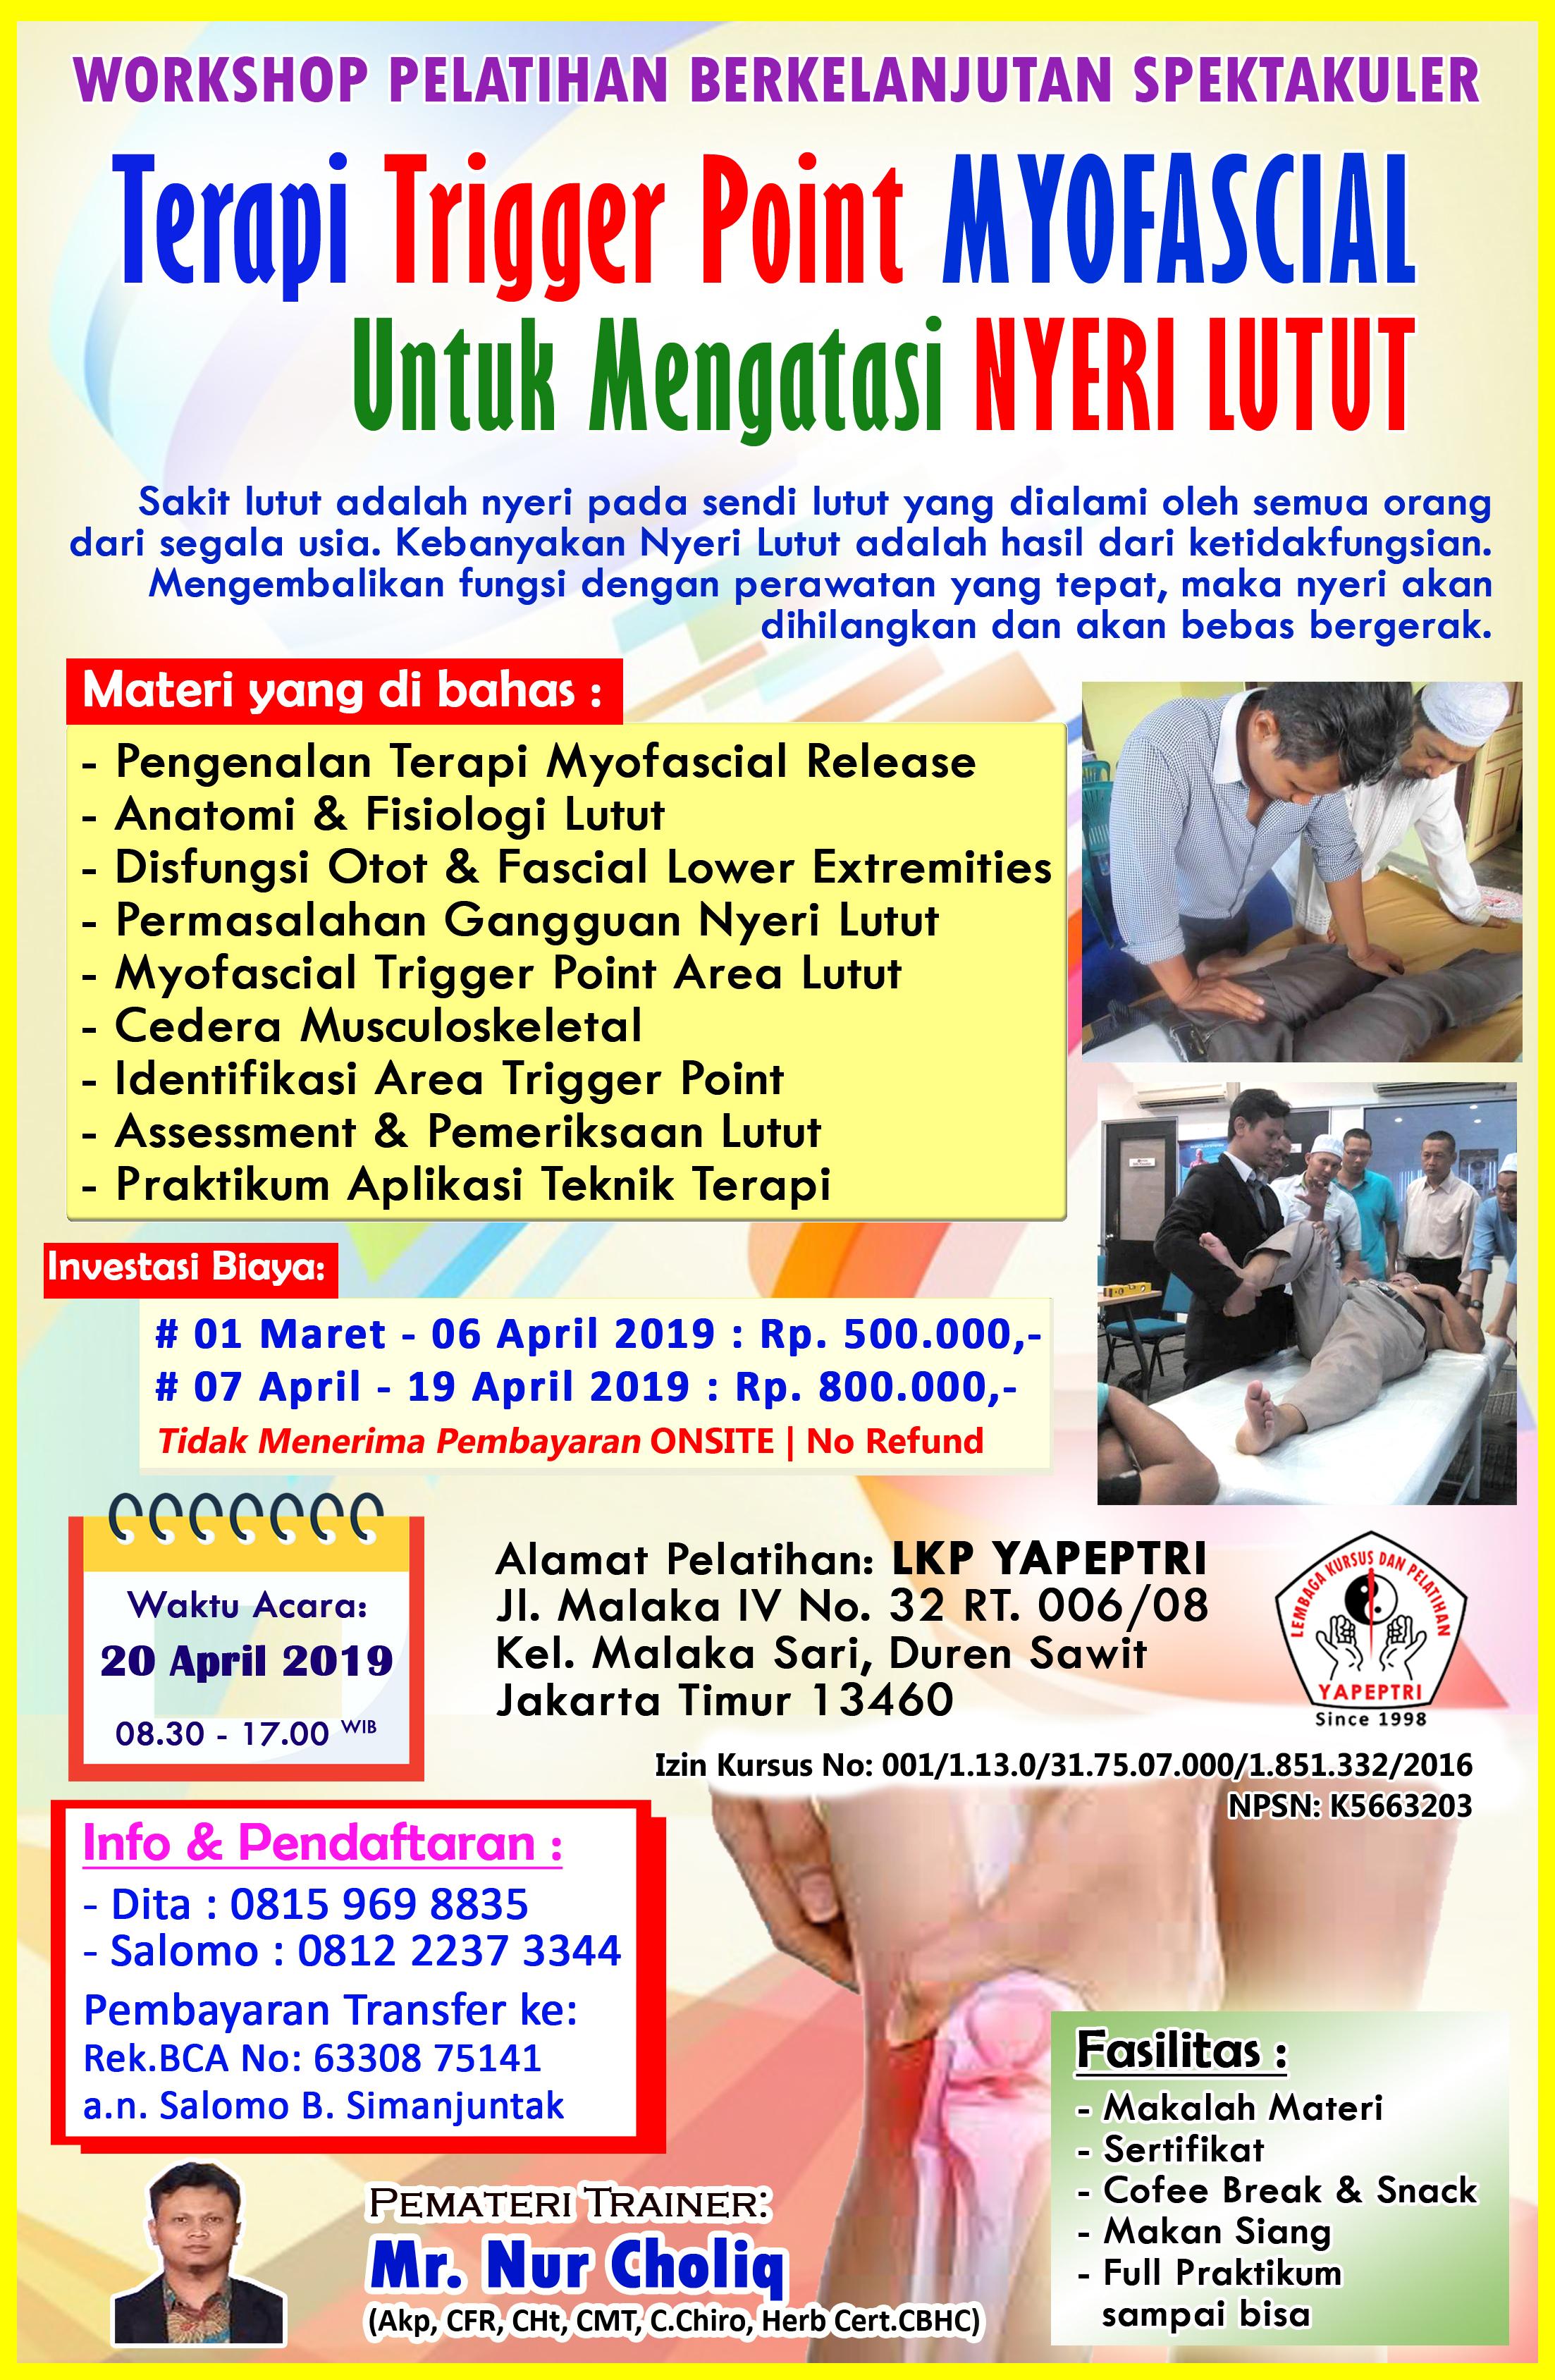 """Seminar dan Workshop  """"Terapi Trigger Point MYOFASCIAL Untuk Mengatasi NYERI LUTUT"""""""